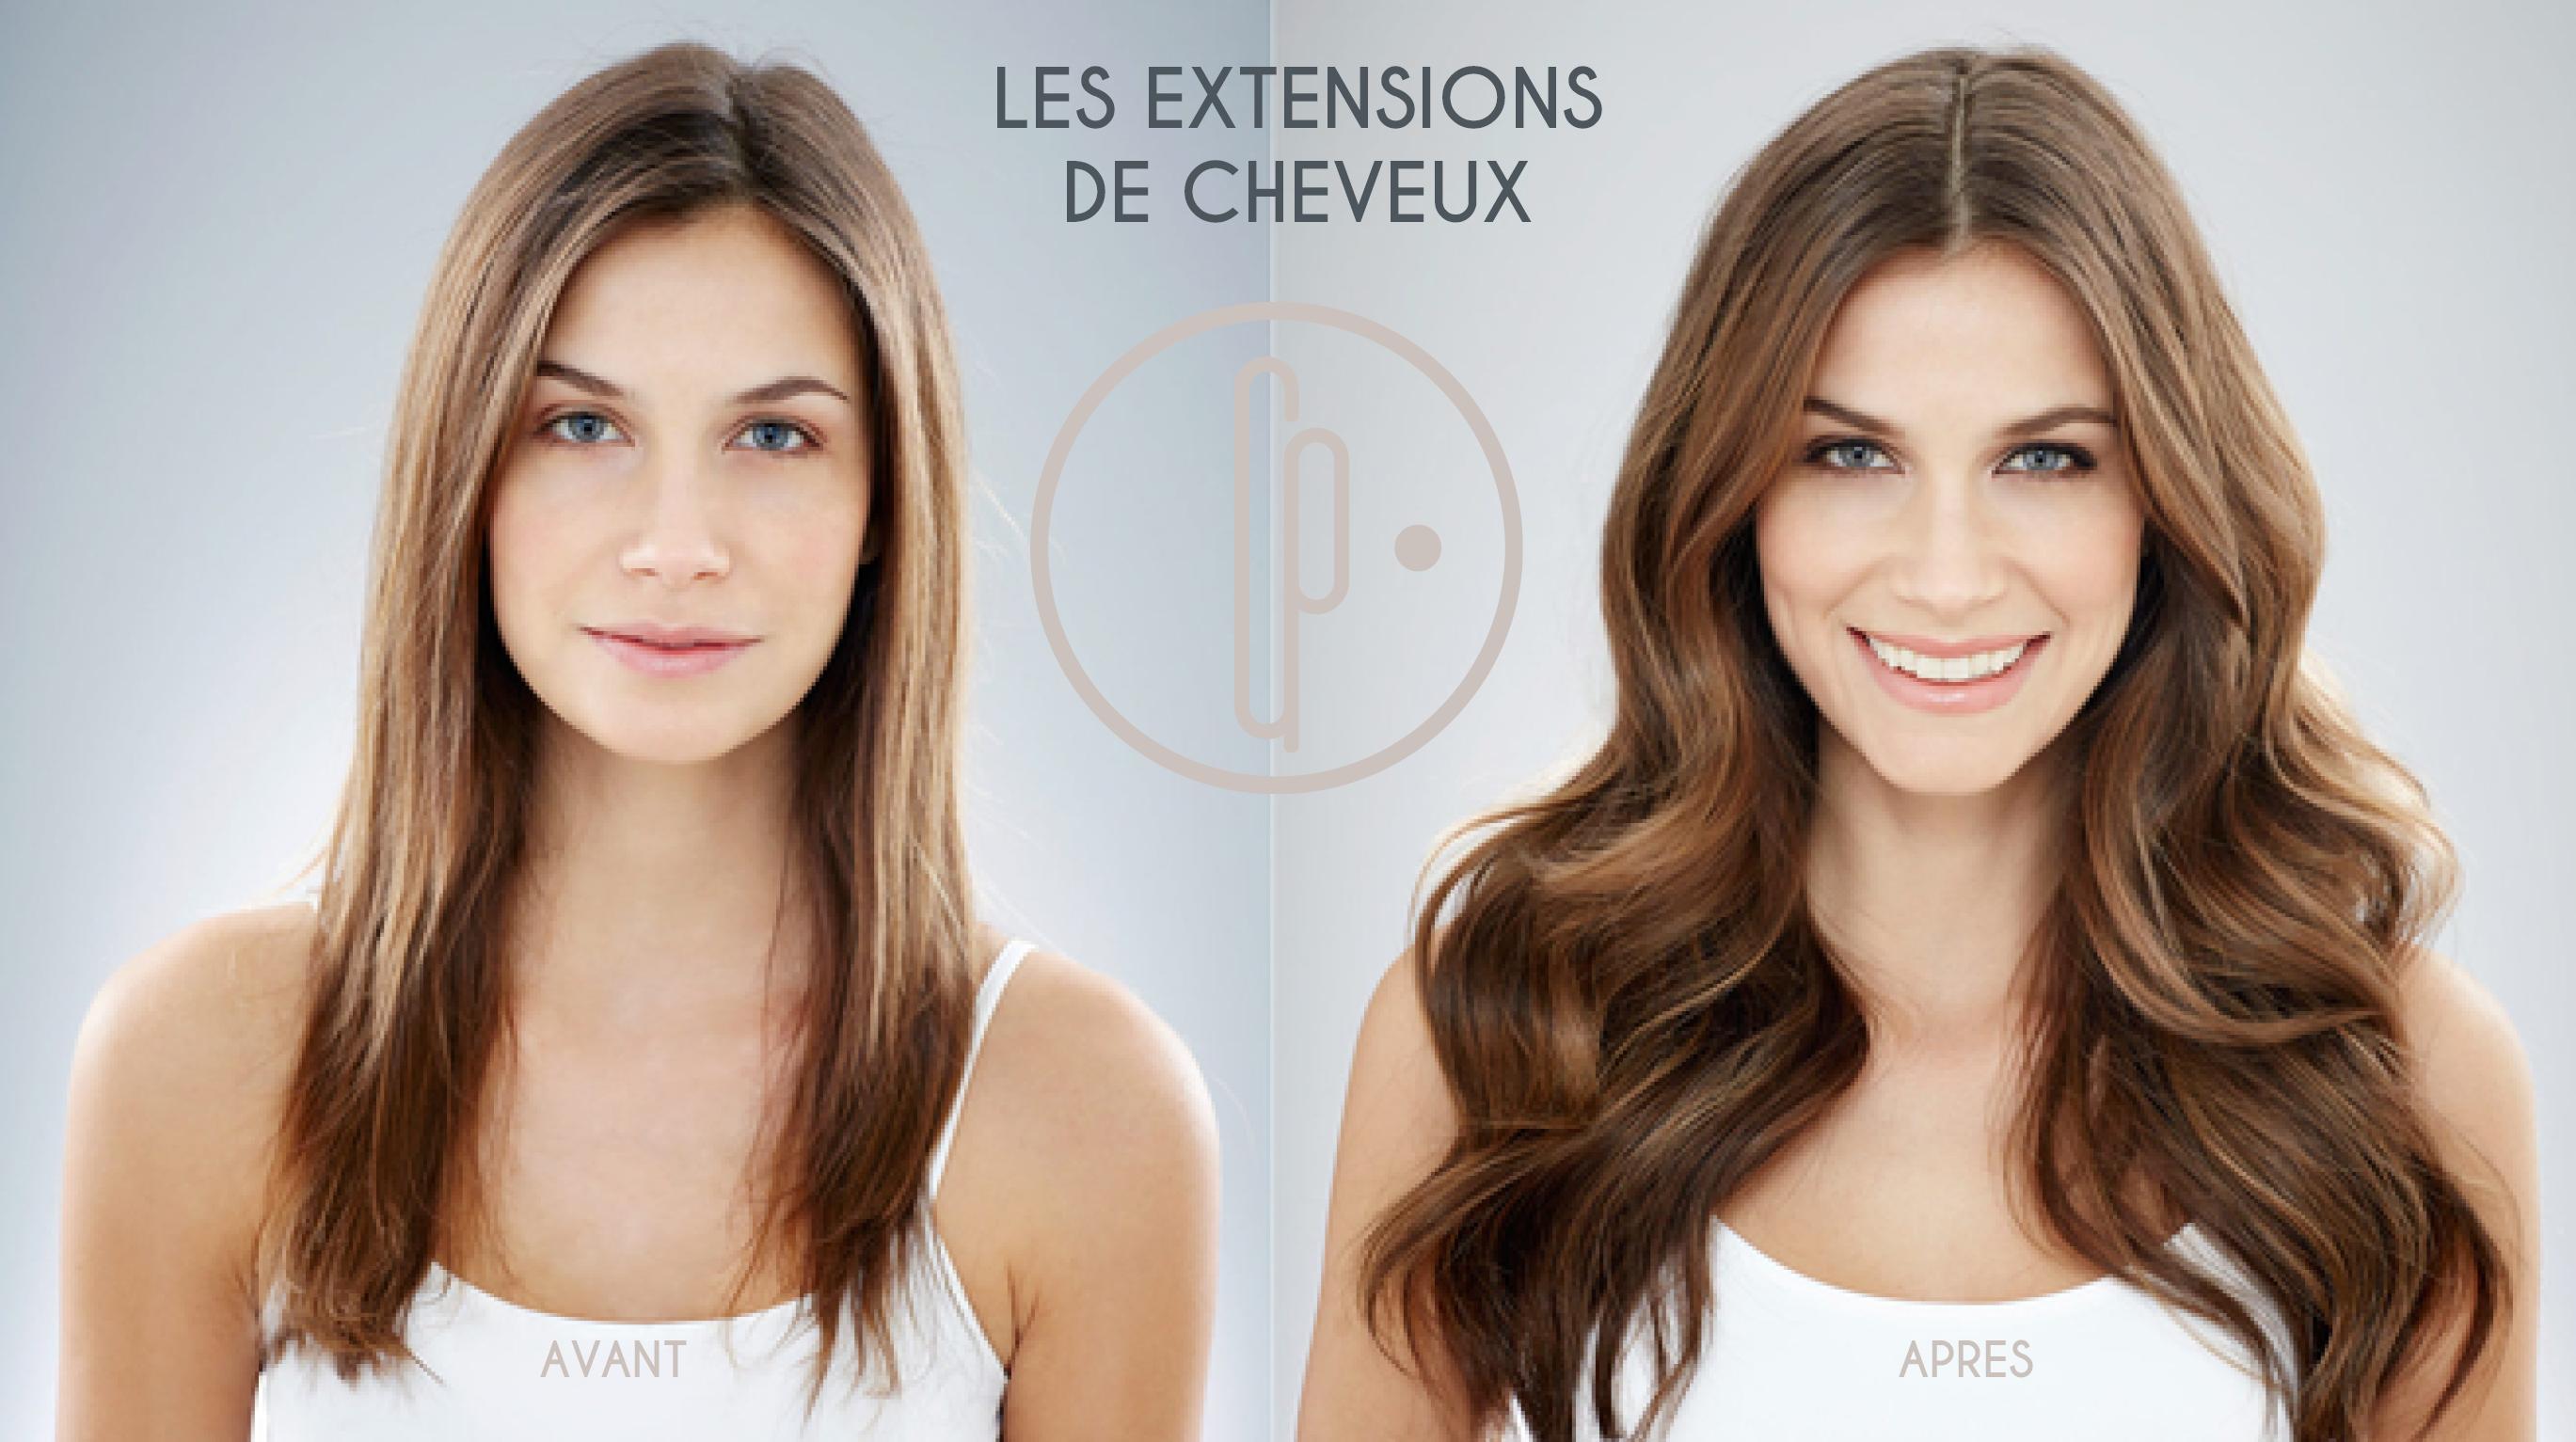 Extensions de cheveux avant-après